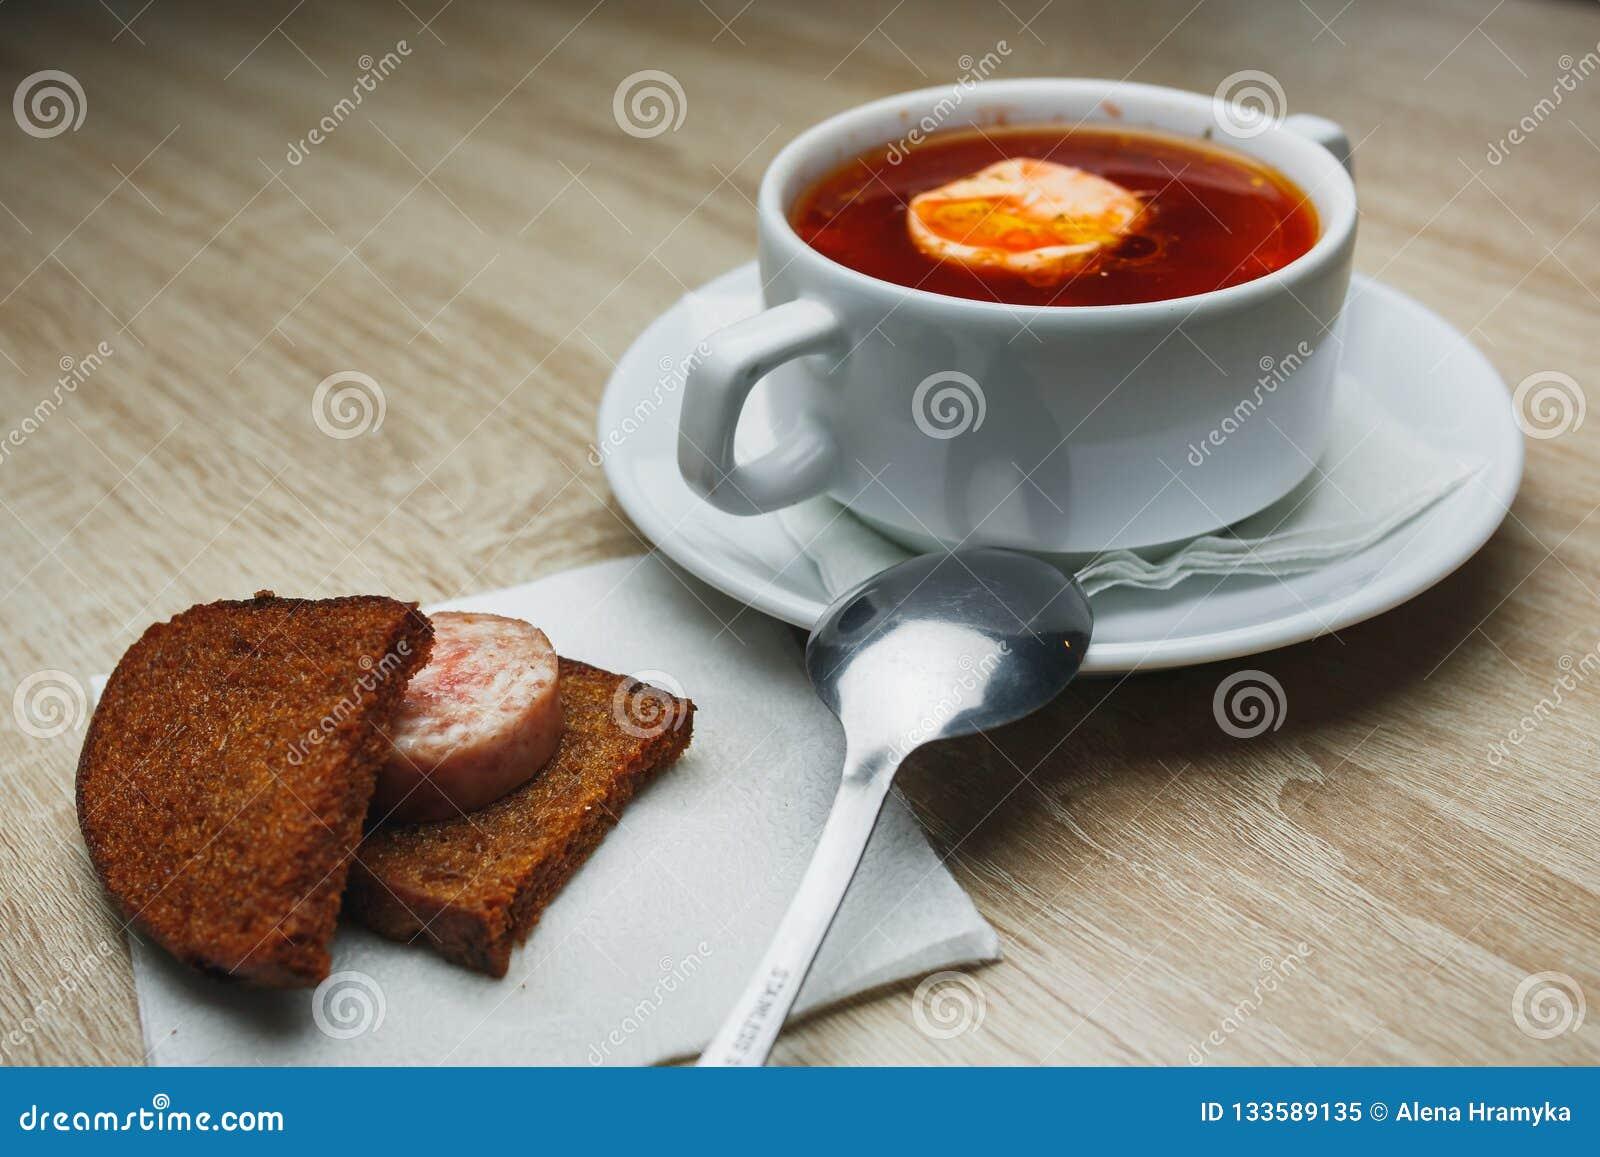 Oekraïense traditionele borsjt Russische vegetarische rode soep in witte kom op rode houten achtergrond Hoogste mening Borscht, b